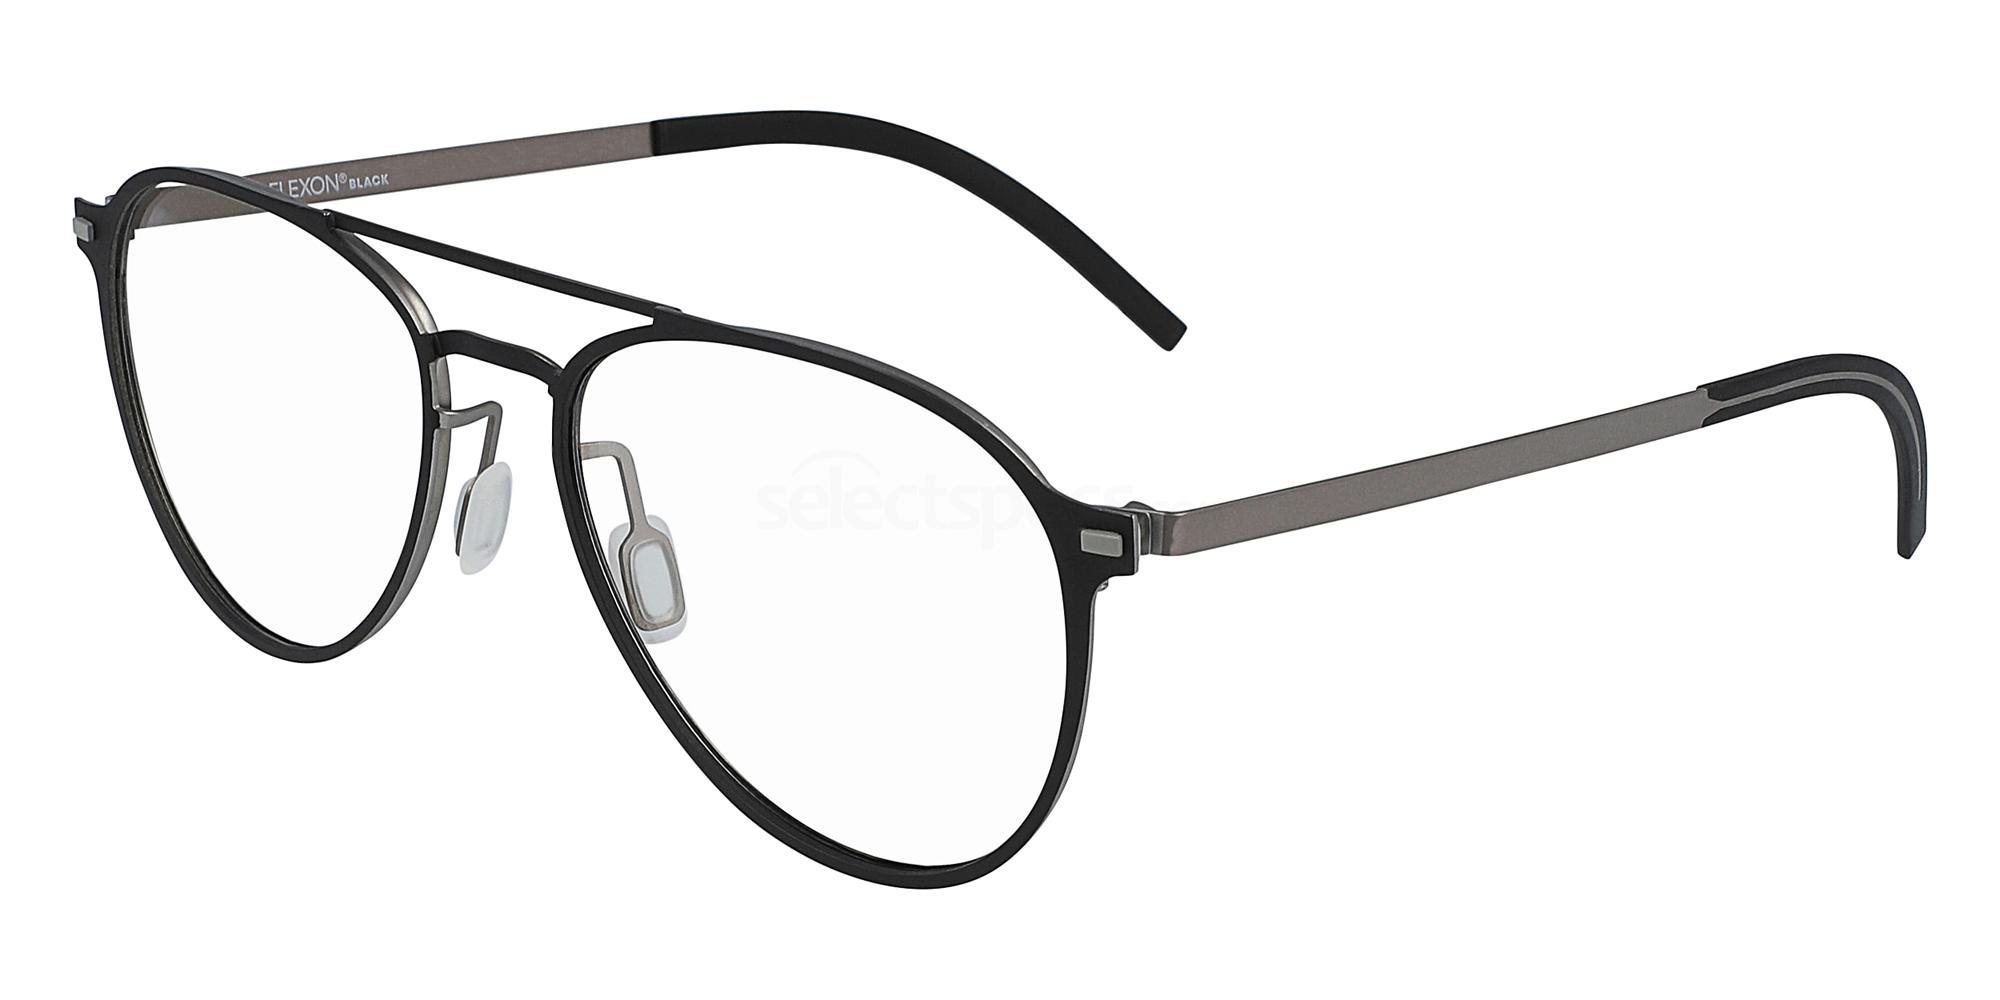 001 FLEXON B2028 Glasses, Flexon